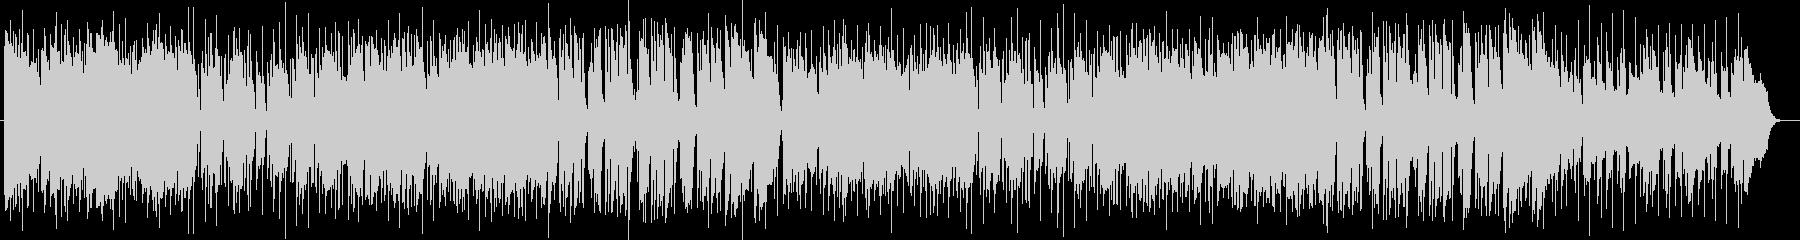 キーボードとピアノのポップスの未再生の波形